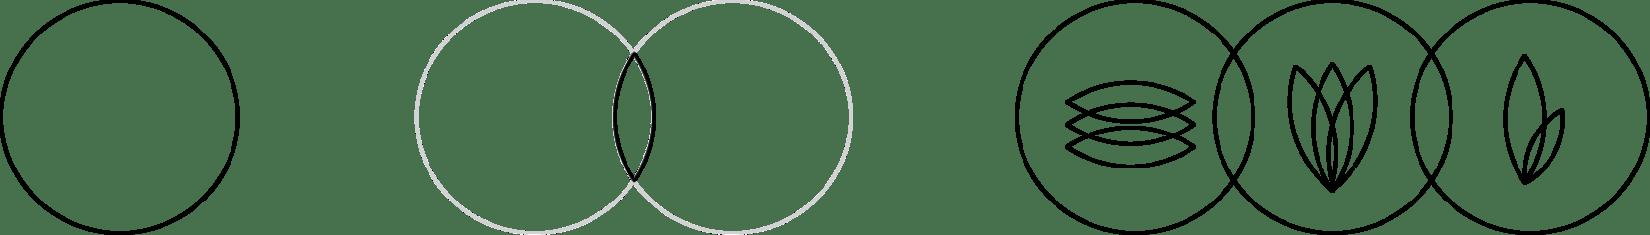 Kusha icon design